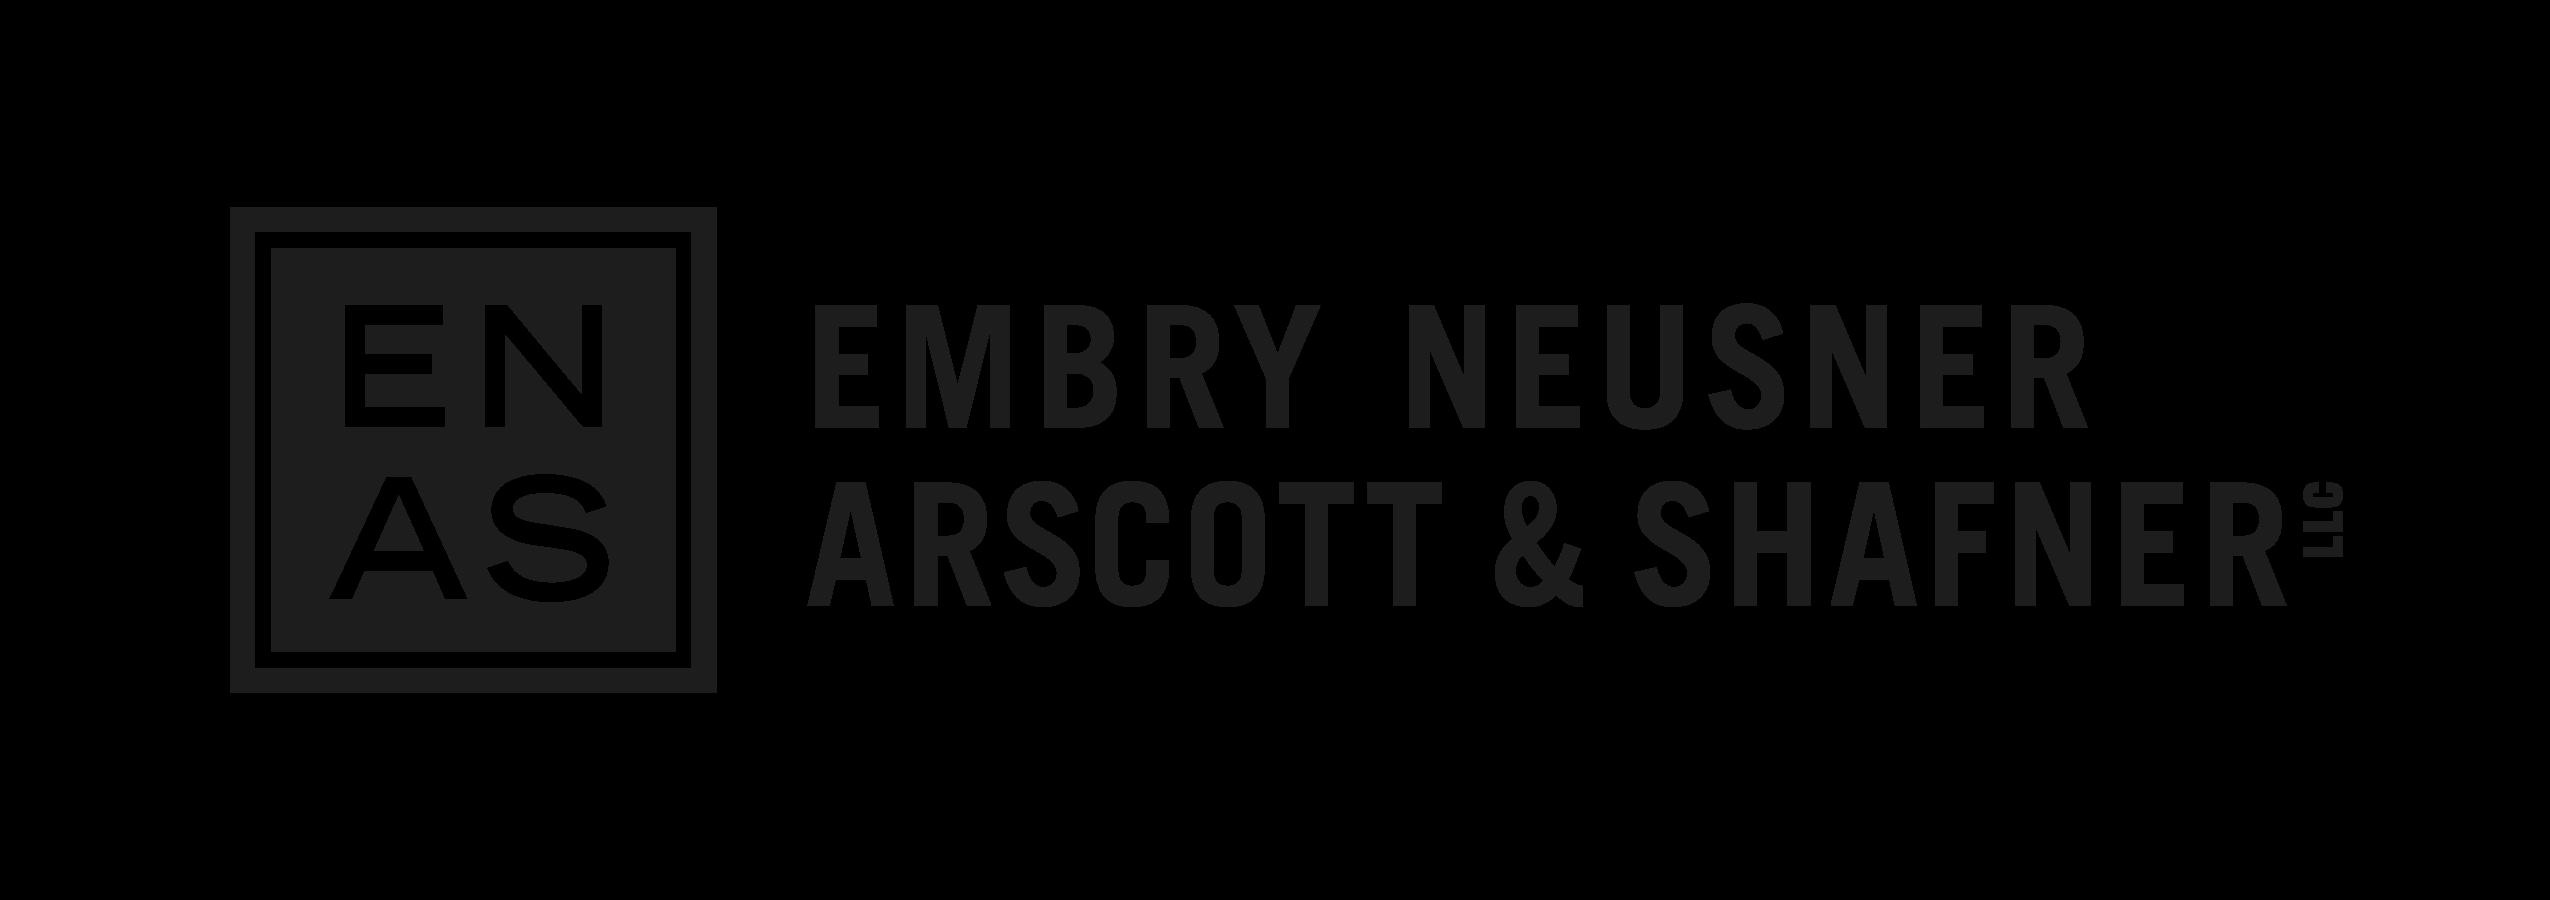 Embry Neusner Arscott & Shafner, LLC